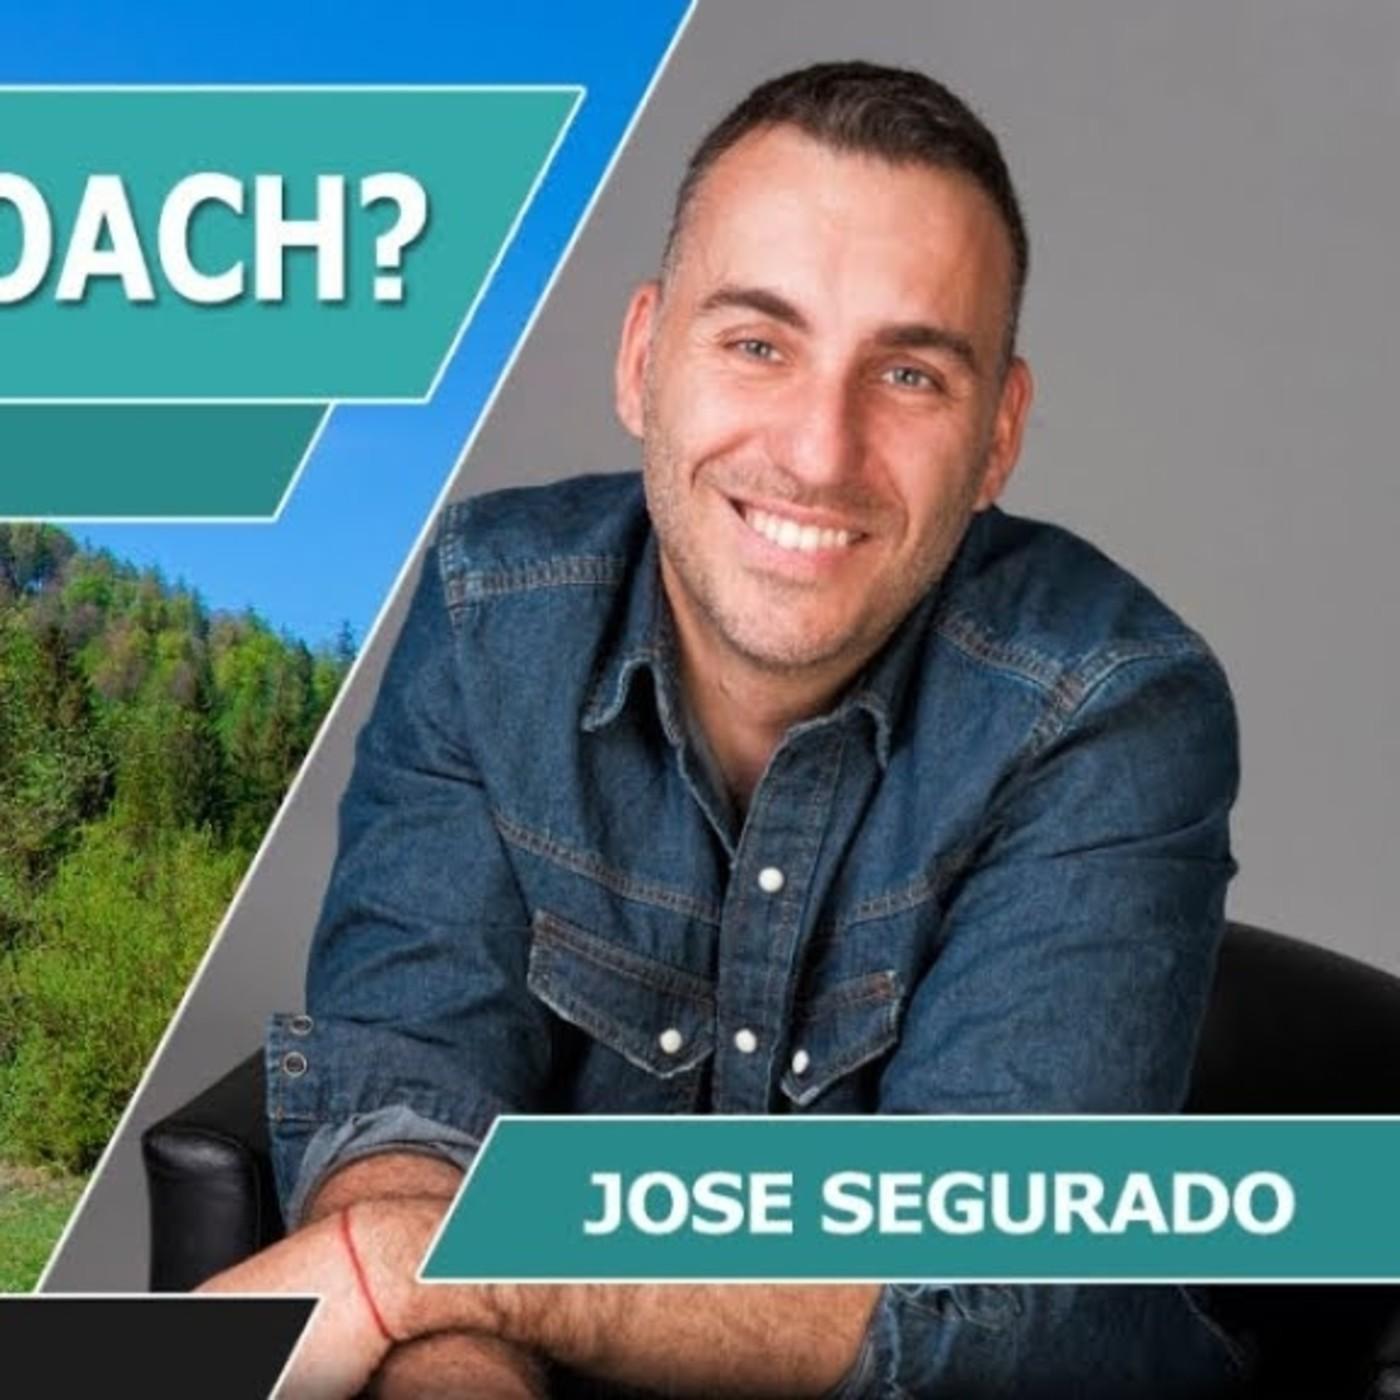 ¿QUÉ ES UN HEALTH COACH? con Jose Segurado